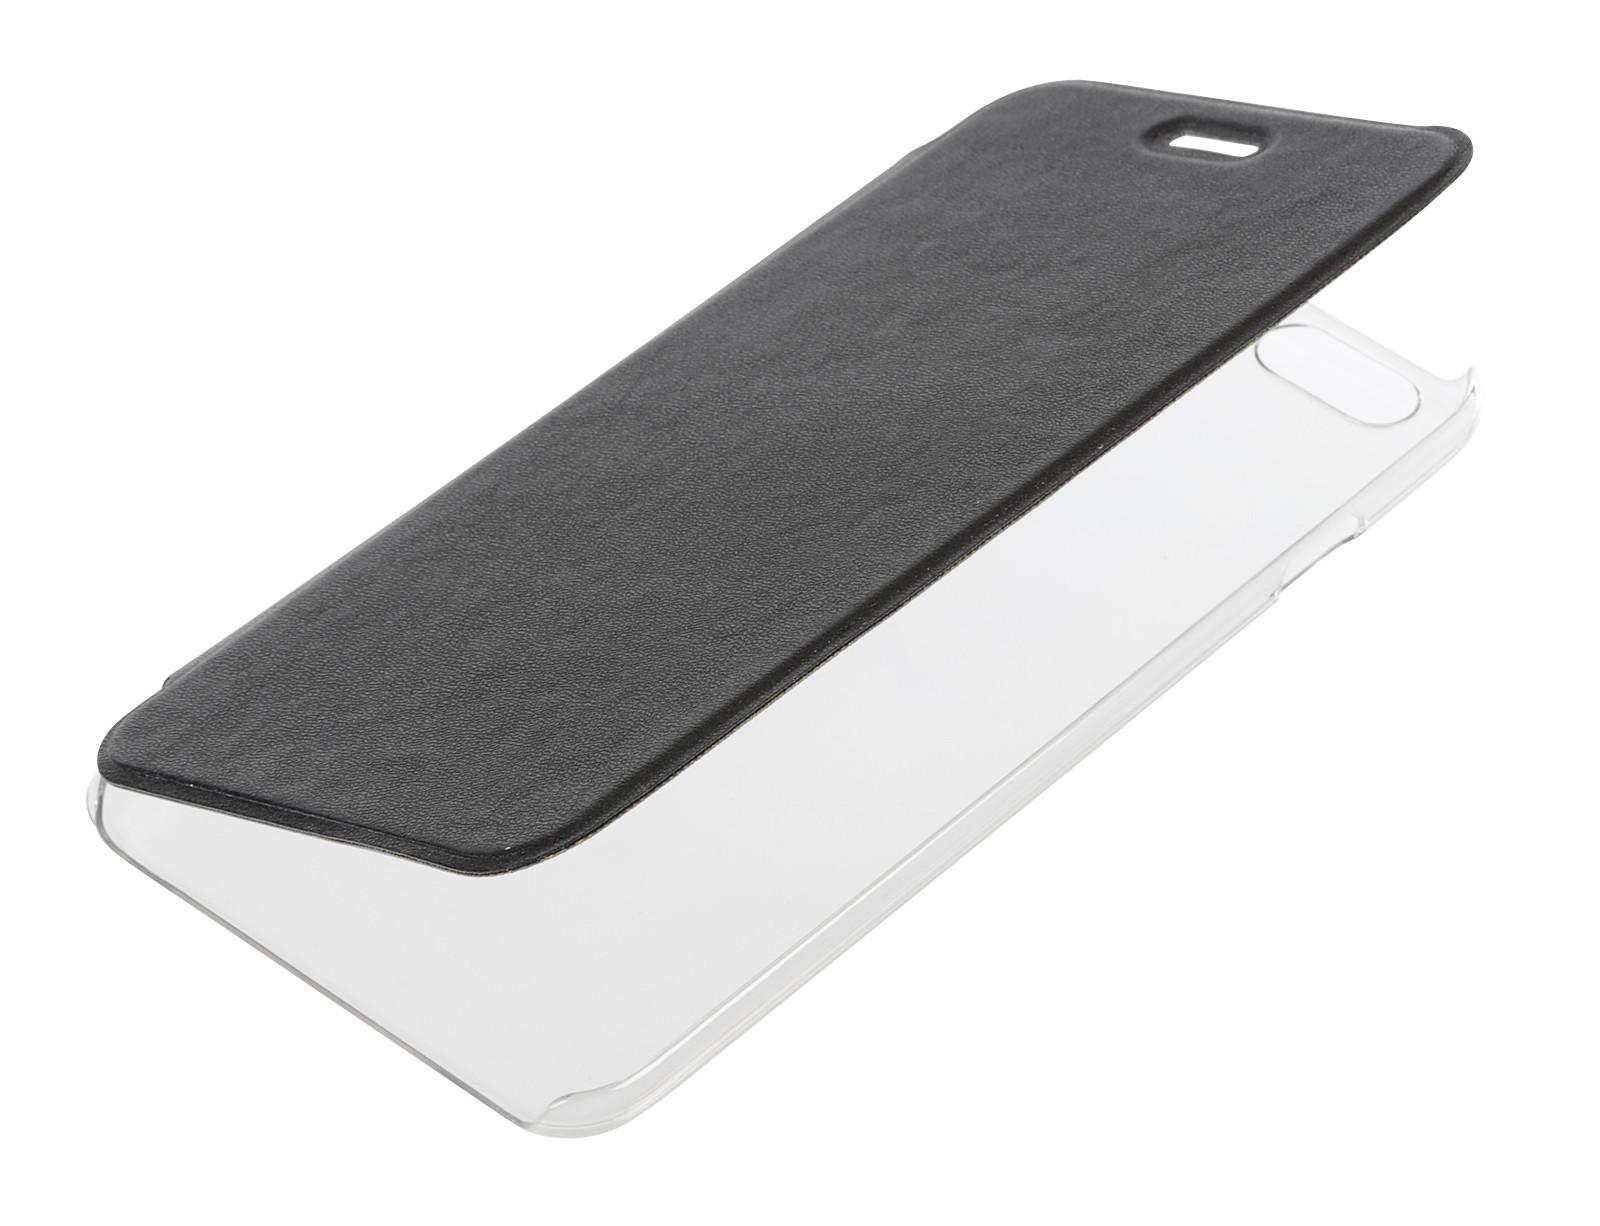 sconto più basso tra qualche giorno regno unito Clear Back, cover trasparente con sportello protettivo - Apple ...